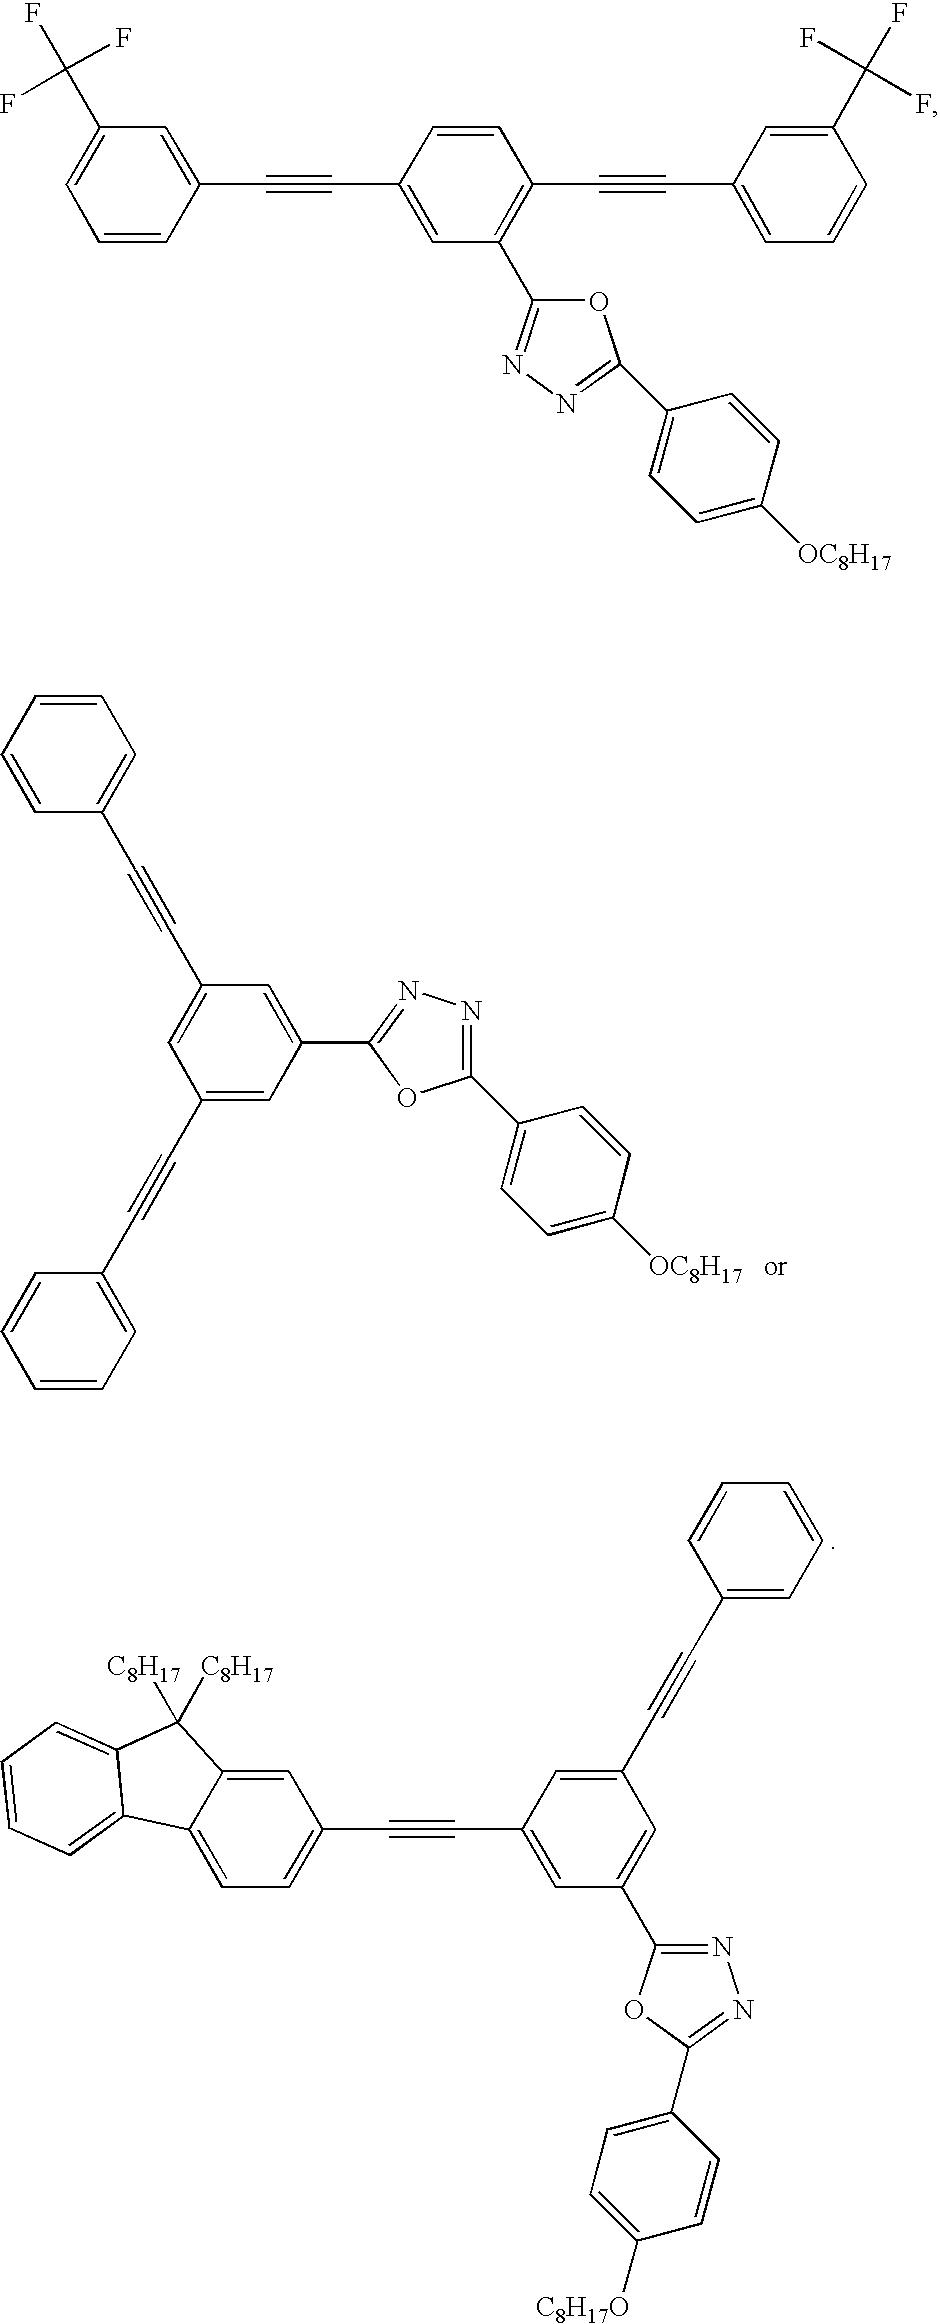 Figure US20070107835A1-20070517-C00095